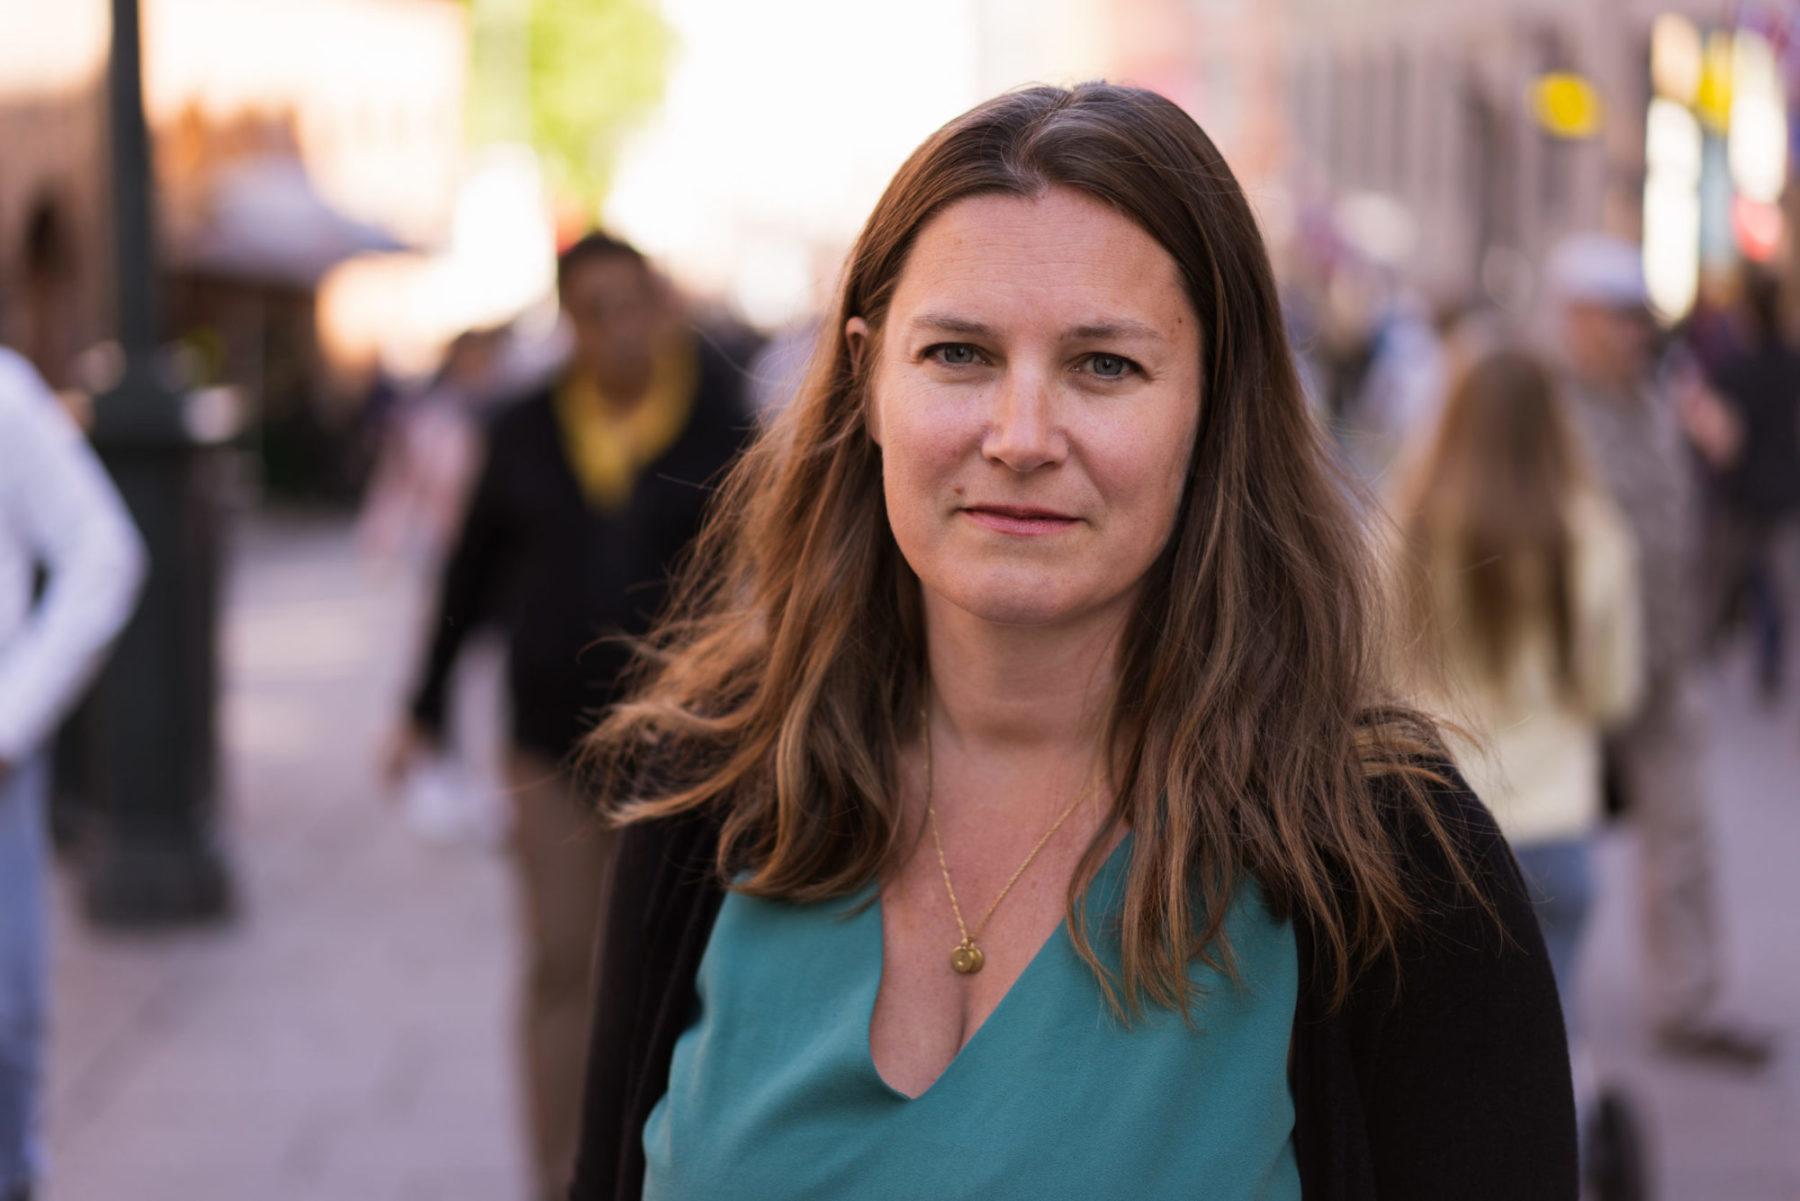 Randi Hagen Eriksrud står i en gate i byen og ser i kamera